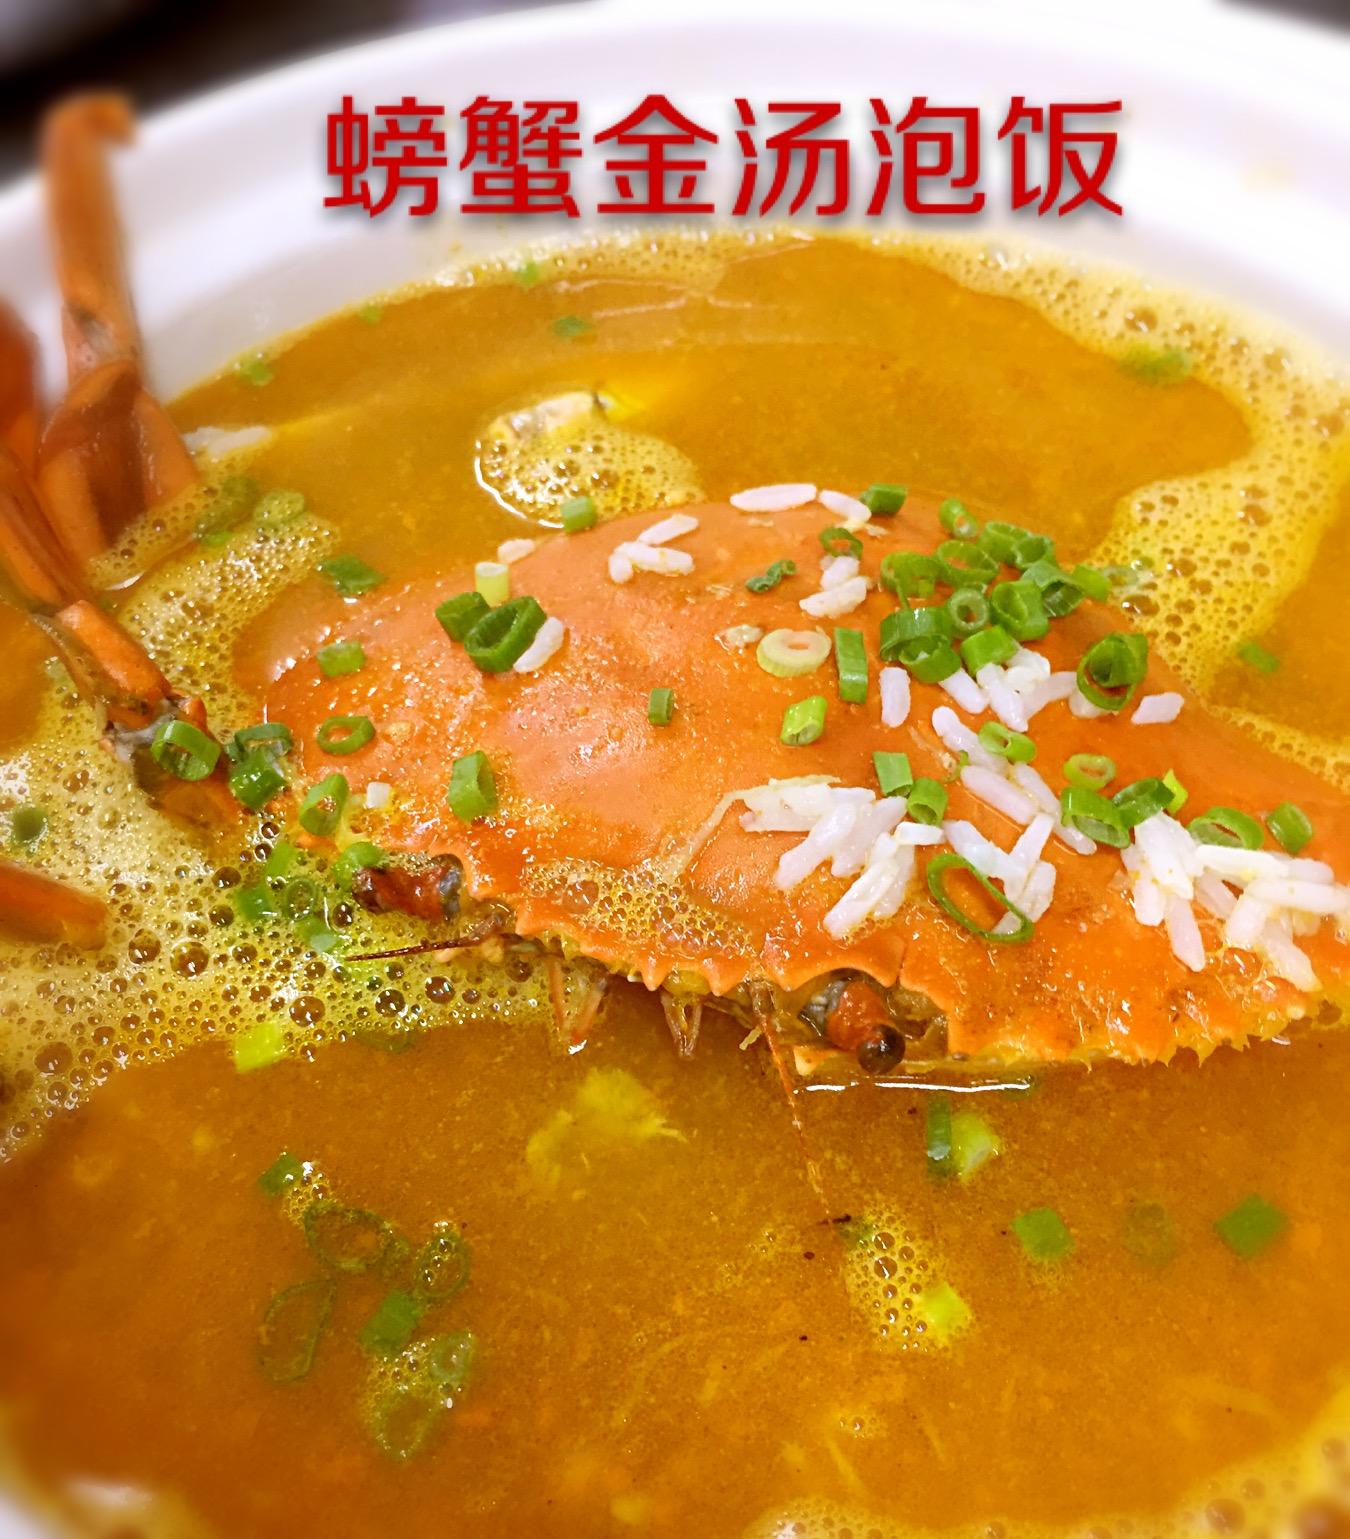 Crab Porridge